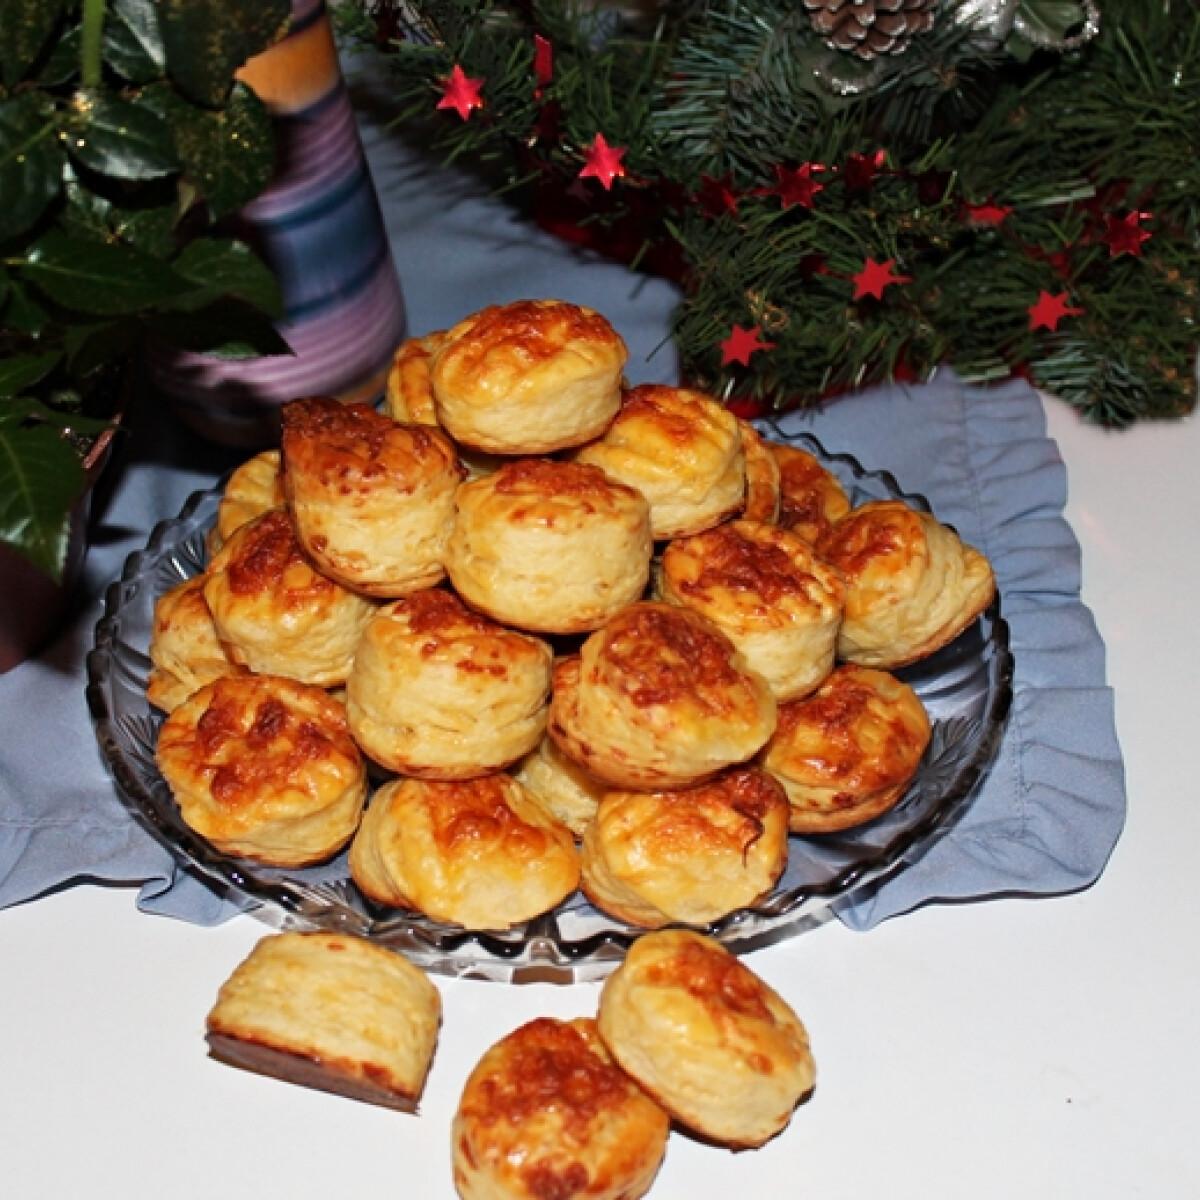 Puha hajtogatott pogácsa, a karácsonyi asztalra